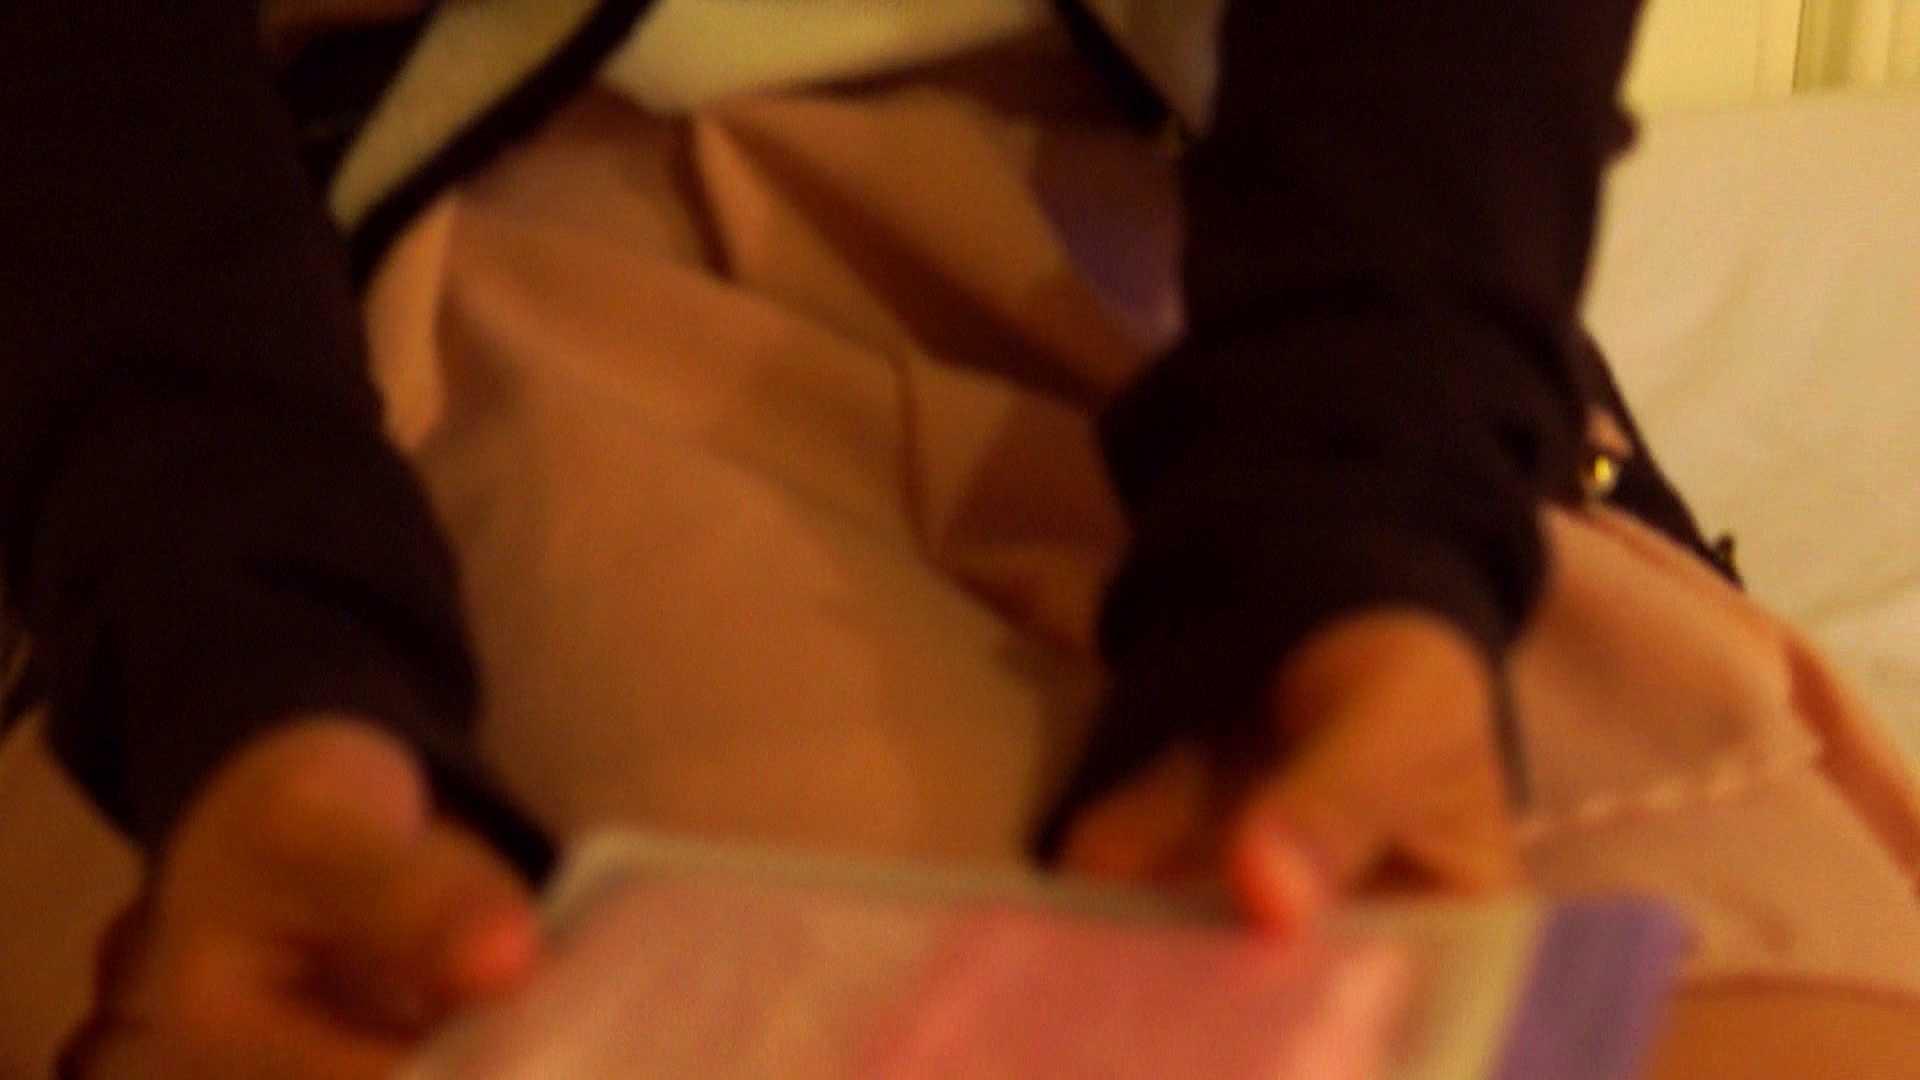 vol.11 瑞希ちゃんのパンチラサービス チラ歓迎 アダルト動画キャプチャ 101pic 26